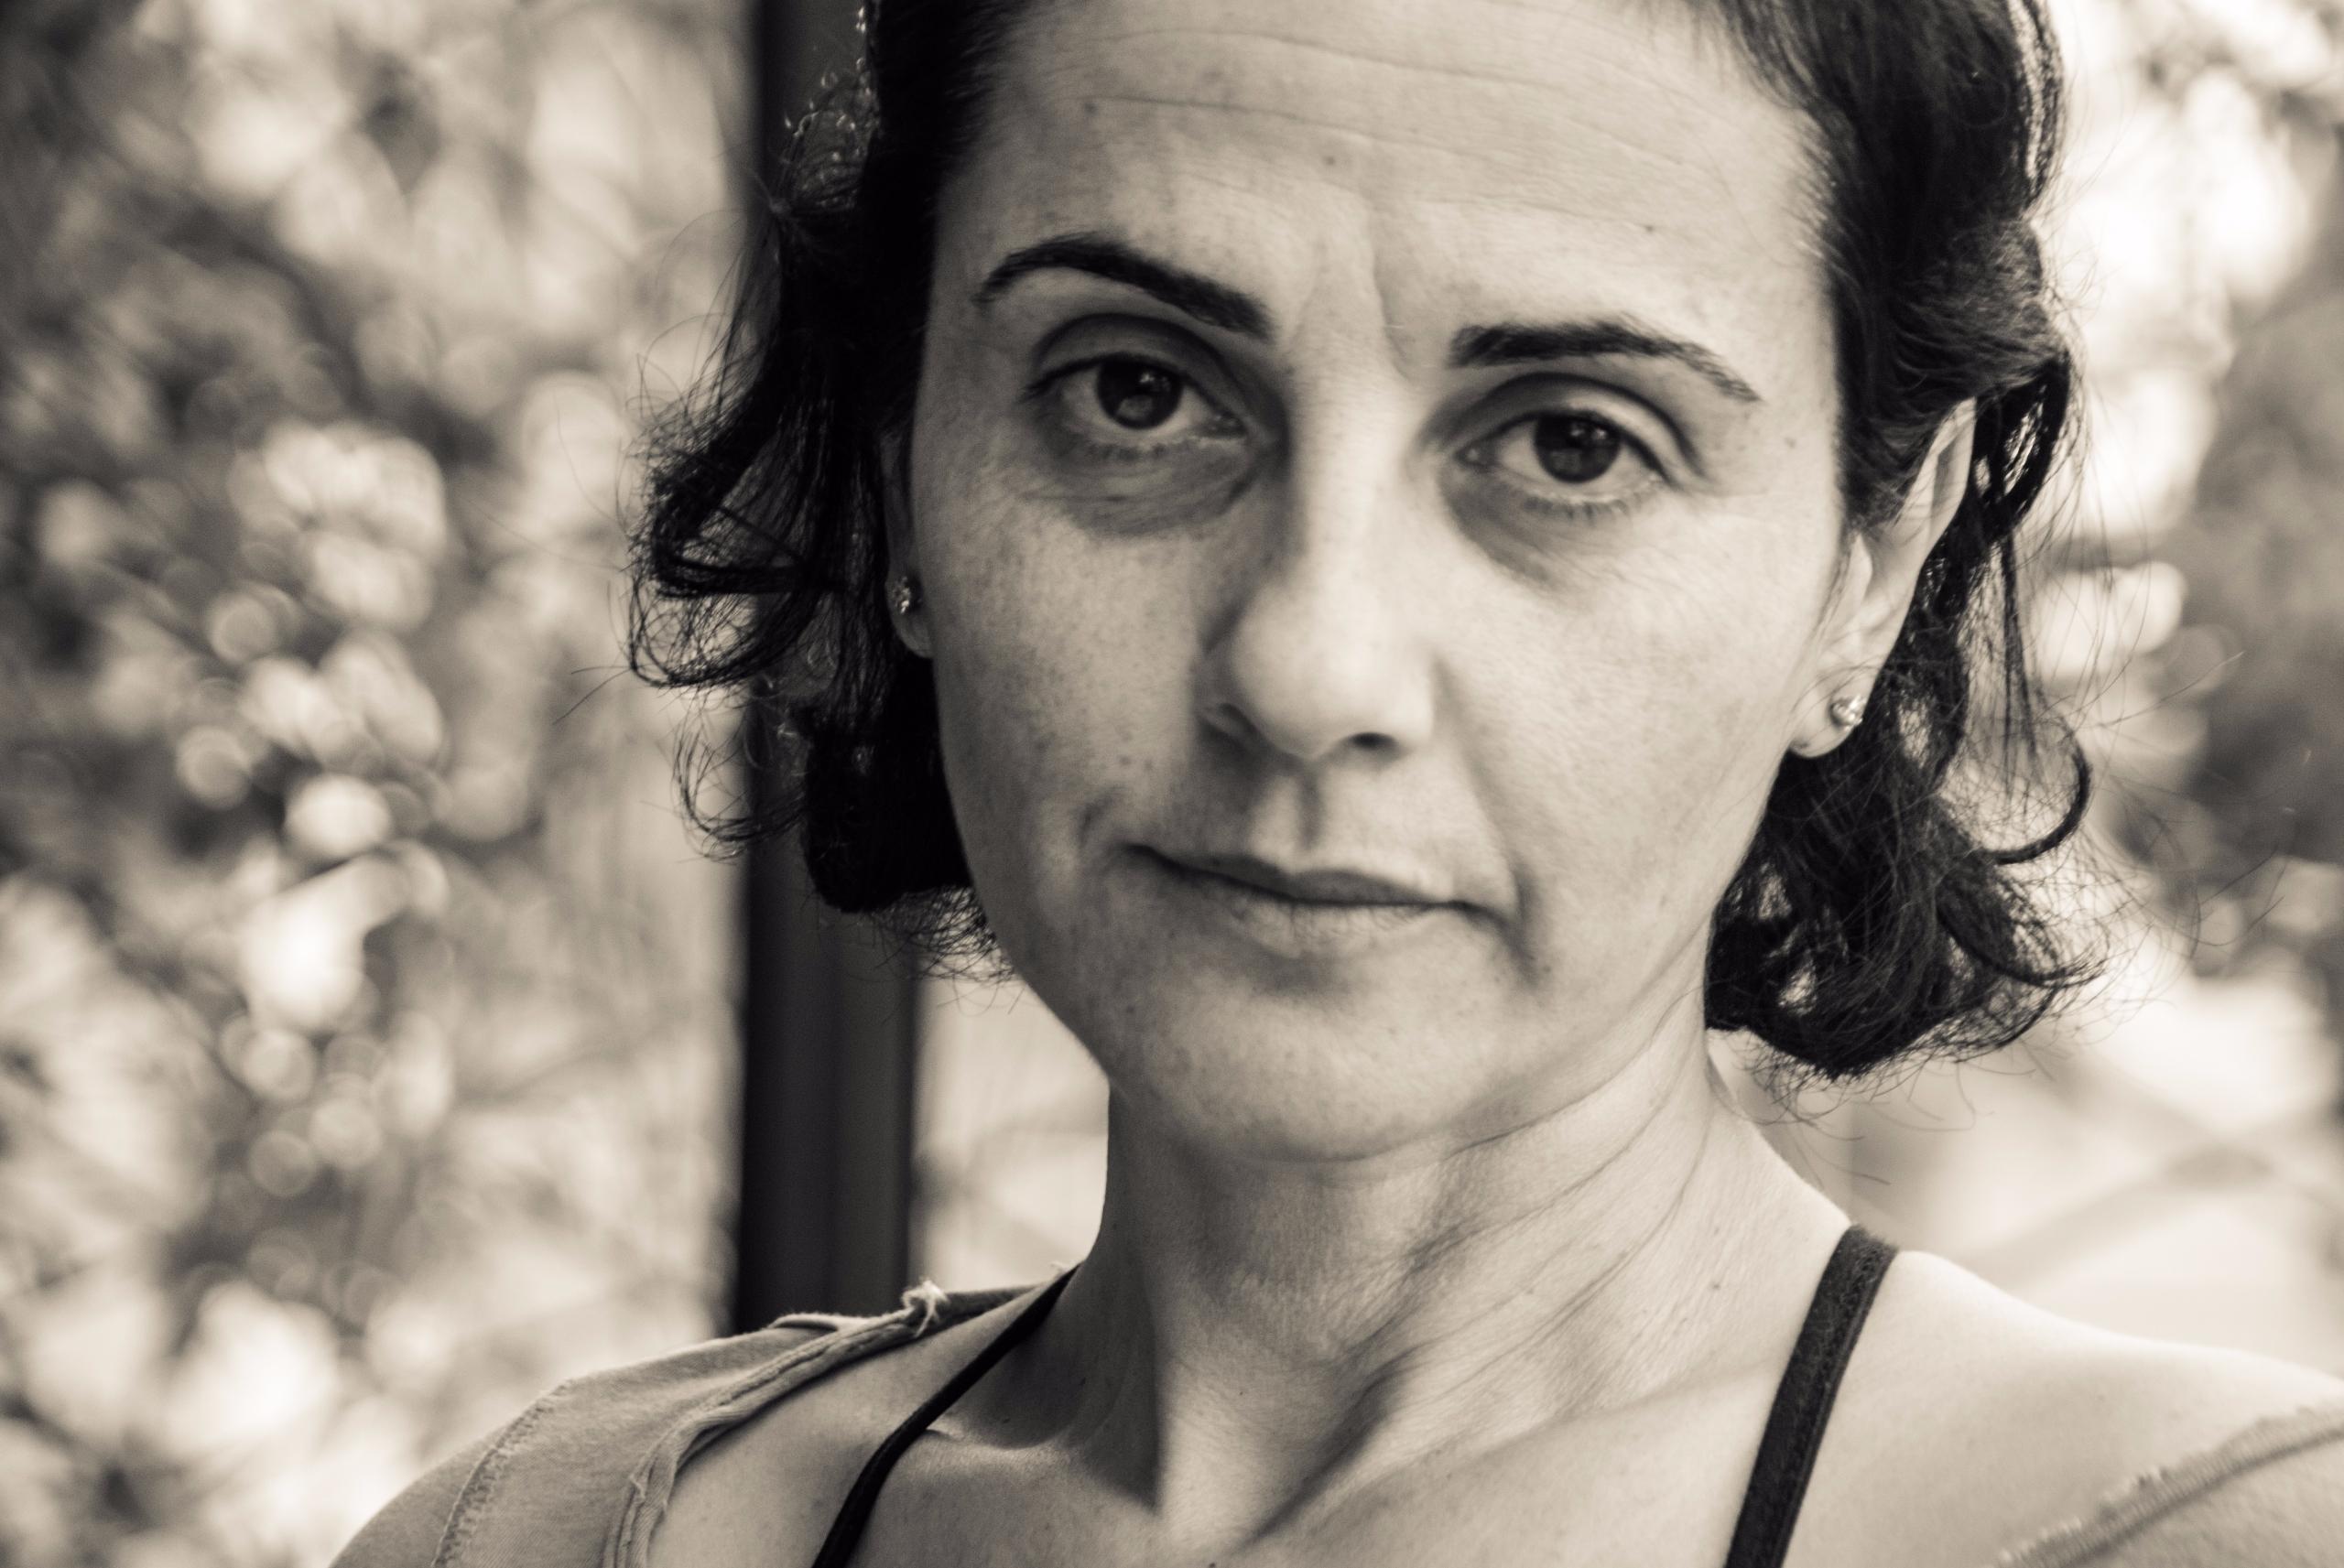 woman, women, blackwhite, portrait - ydoron1   ello